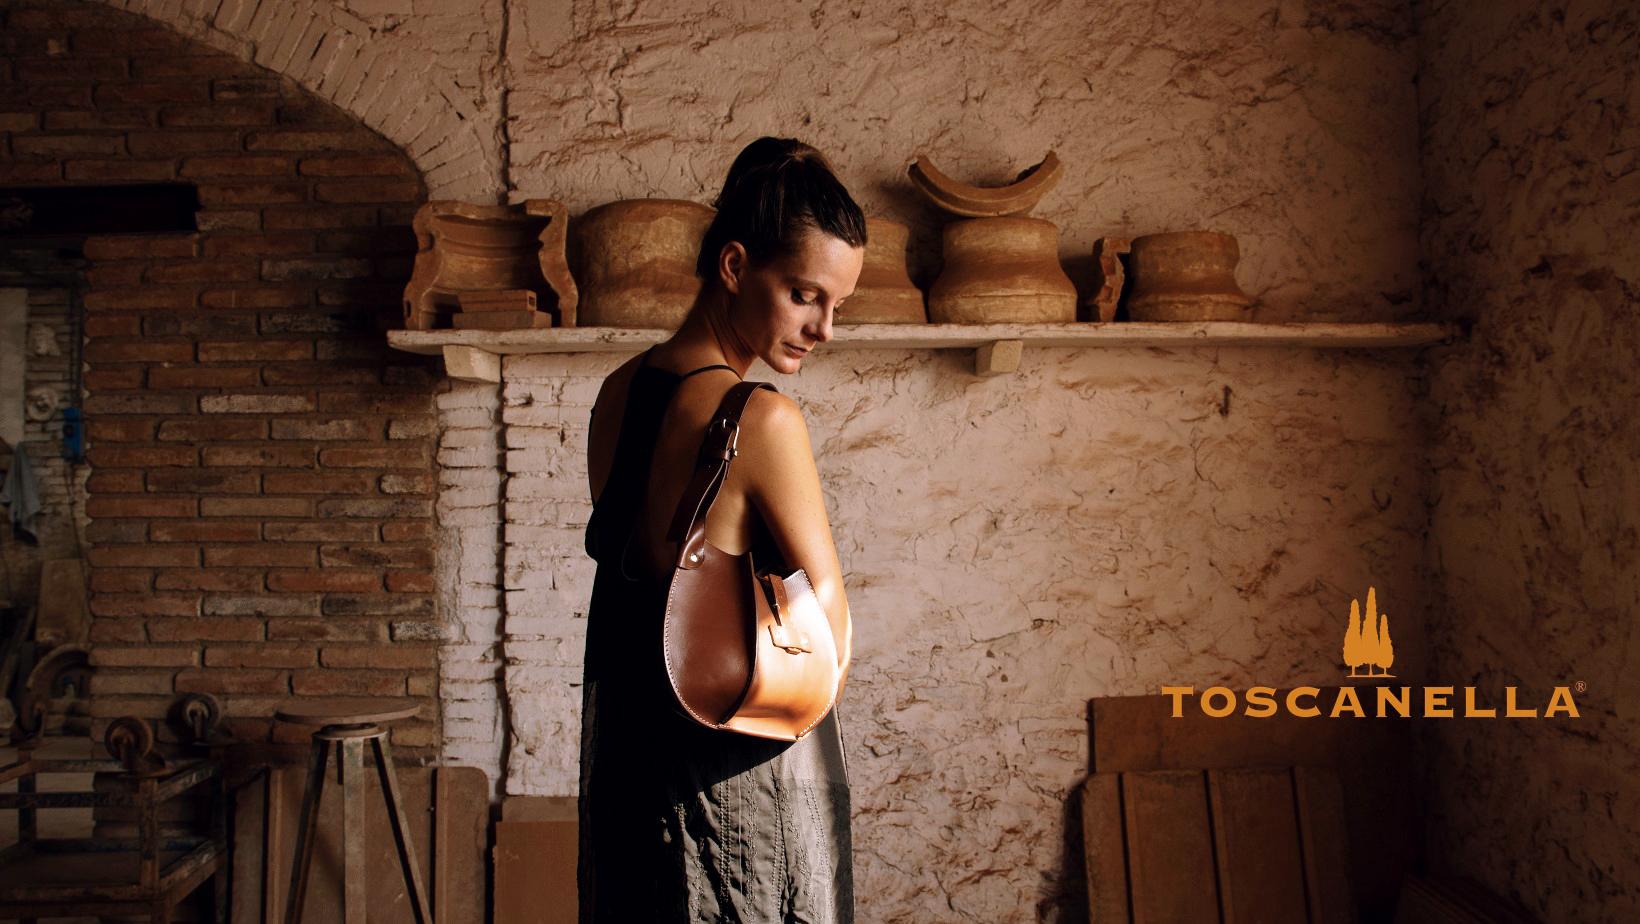 Toscanella Väskor från Italien